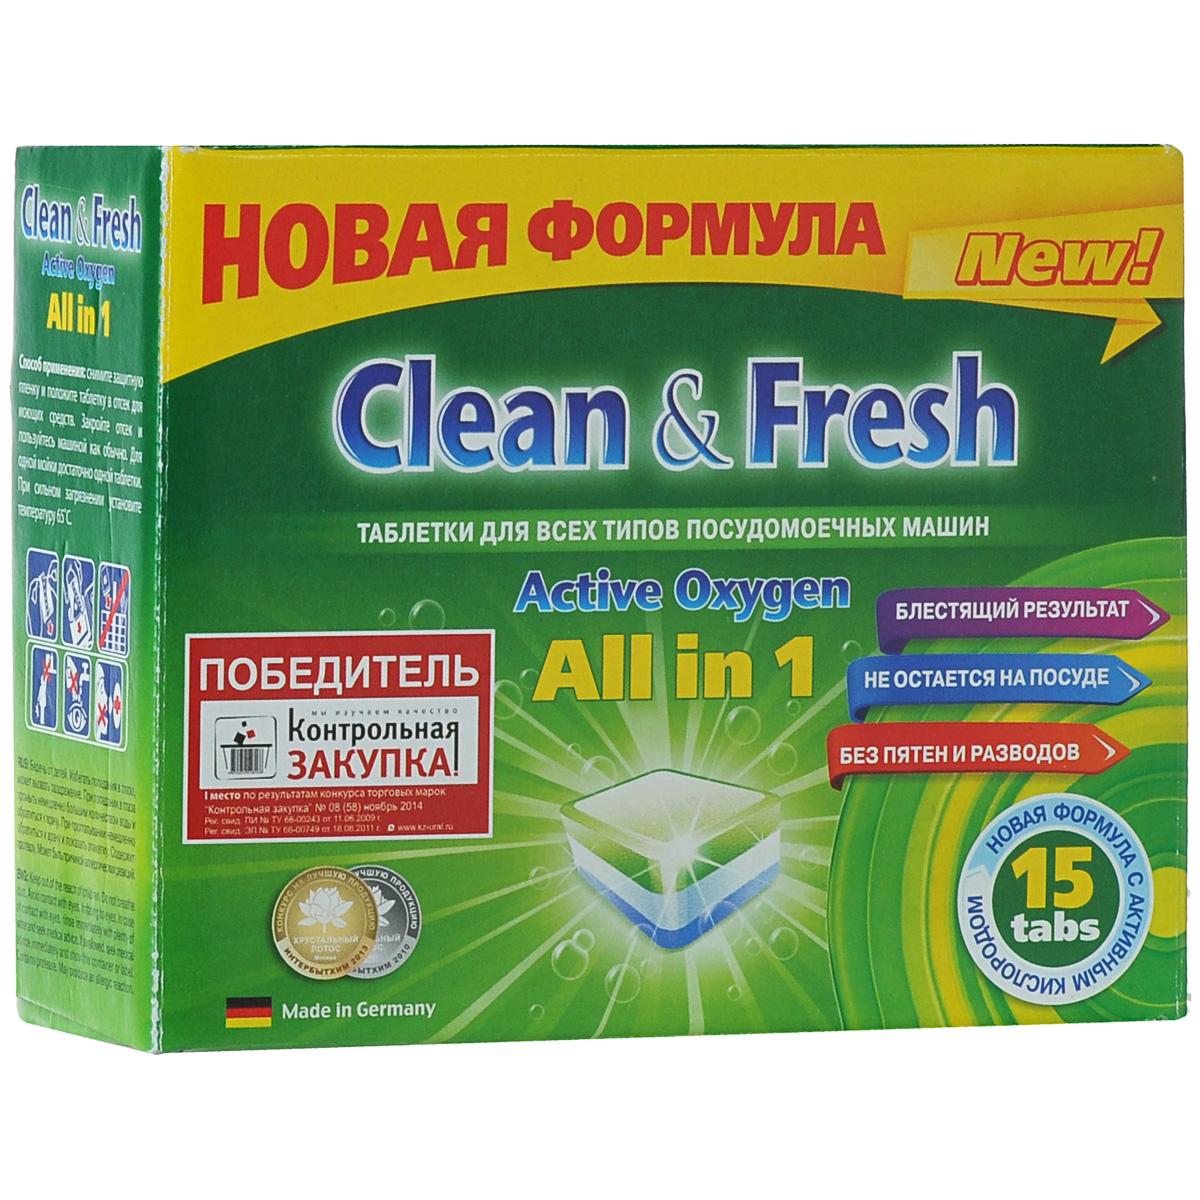 Таблетки для посудомоечных машин Clean & Fresh All in 1, с ароматом лимона, 15 шт16208Применение таблеток Clean & Fresh All in 1 облегчает использование посудомоечных машин. Дополнительные вещества, входящие в состав таблеток защищают машину от образования накипи на нагревательных элементах, способствуют лучшему результату при мытье посуды, существенно экономят ваше время. Удаляют даже самые сильные загрязнения. Таблетки Clean & Fresh All in 1 имеют четыре цветных слоя: зеленый - для лимонного запаха и защиты стекла от коррозии, синие микро-жемчужины - для блестящей посуды и сияющего стекла, белый - для защиты посудомоечной машины от образования накипи и наслоений извести, синий - сила очистки с активным кислородом. Достаточно поместить одну таблетку в дозатор посудомоечной машины и посуда приобретает идеальную чистоту и свежесть, без разводов и известковых пятен.Вес одной таблетки: 20 г.Количество таблеток в упаковке: 30 шт.Состав таблеток: триполифосфат натрия - более 30%; карбонат натрия, бикарбонат натрия - 15-30%; перкарбонат натрия - 5-15%; силикат натрия, поликарбоксилаты, неионные ПАВ, ТАЕД, энзимы, фосфонаты, отдушка, краситель - менее 5%.